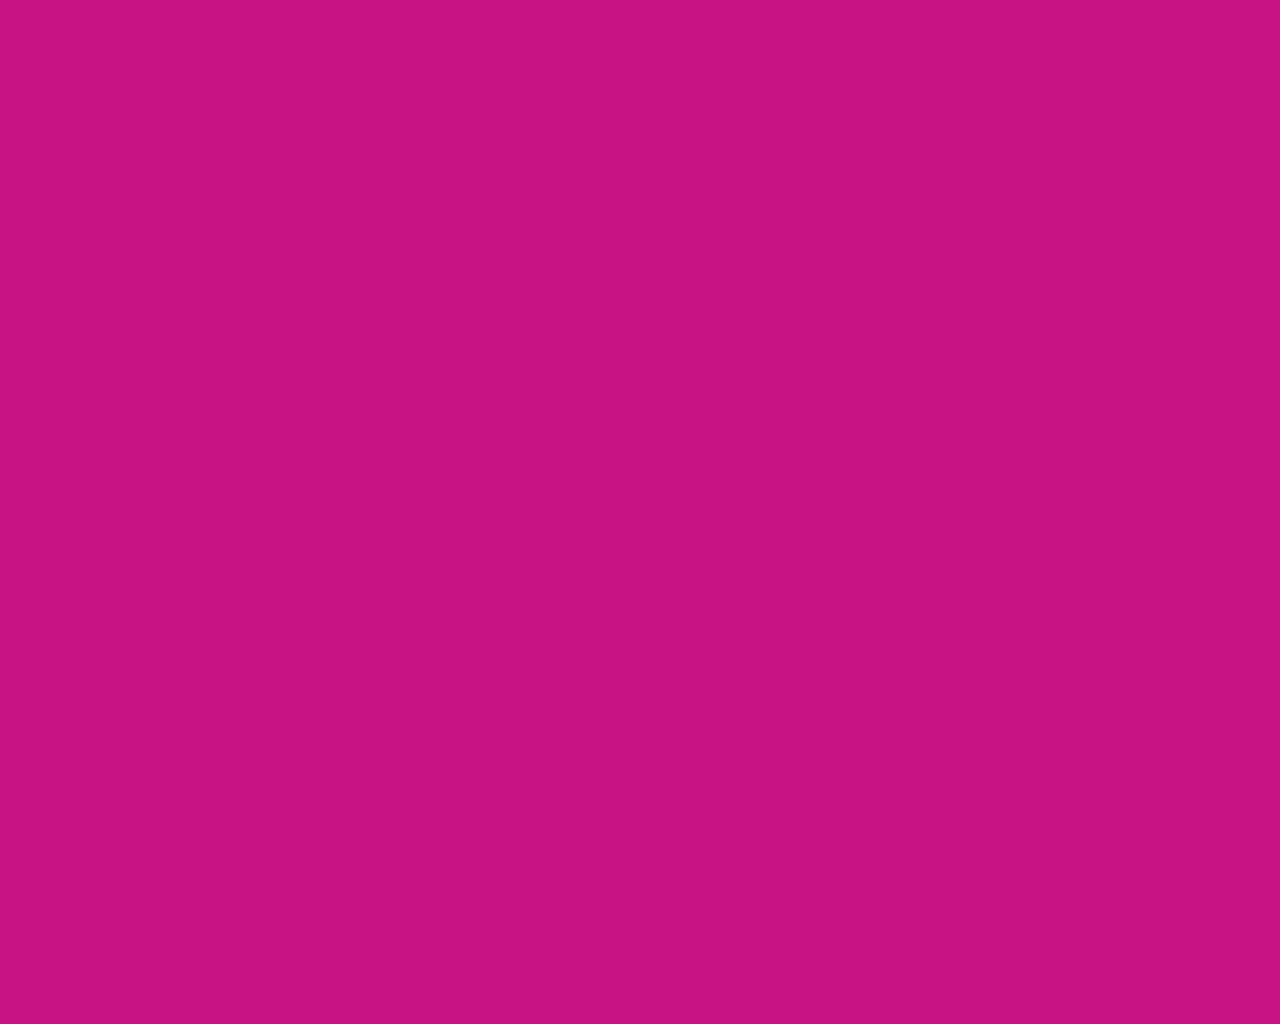 1280x1024 Red-violet Solid Color Background